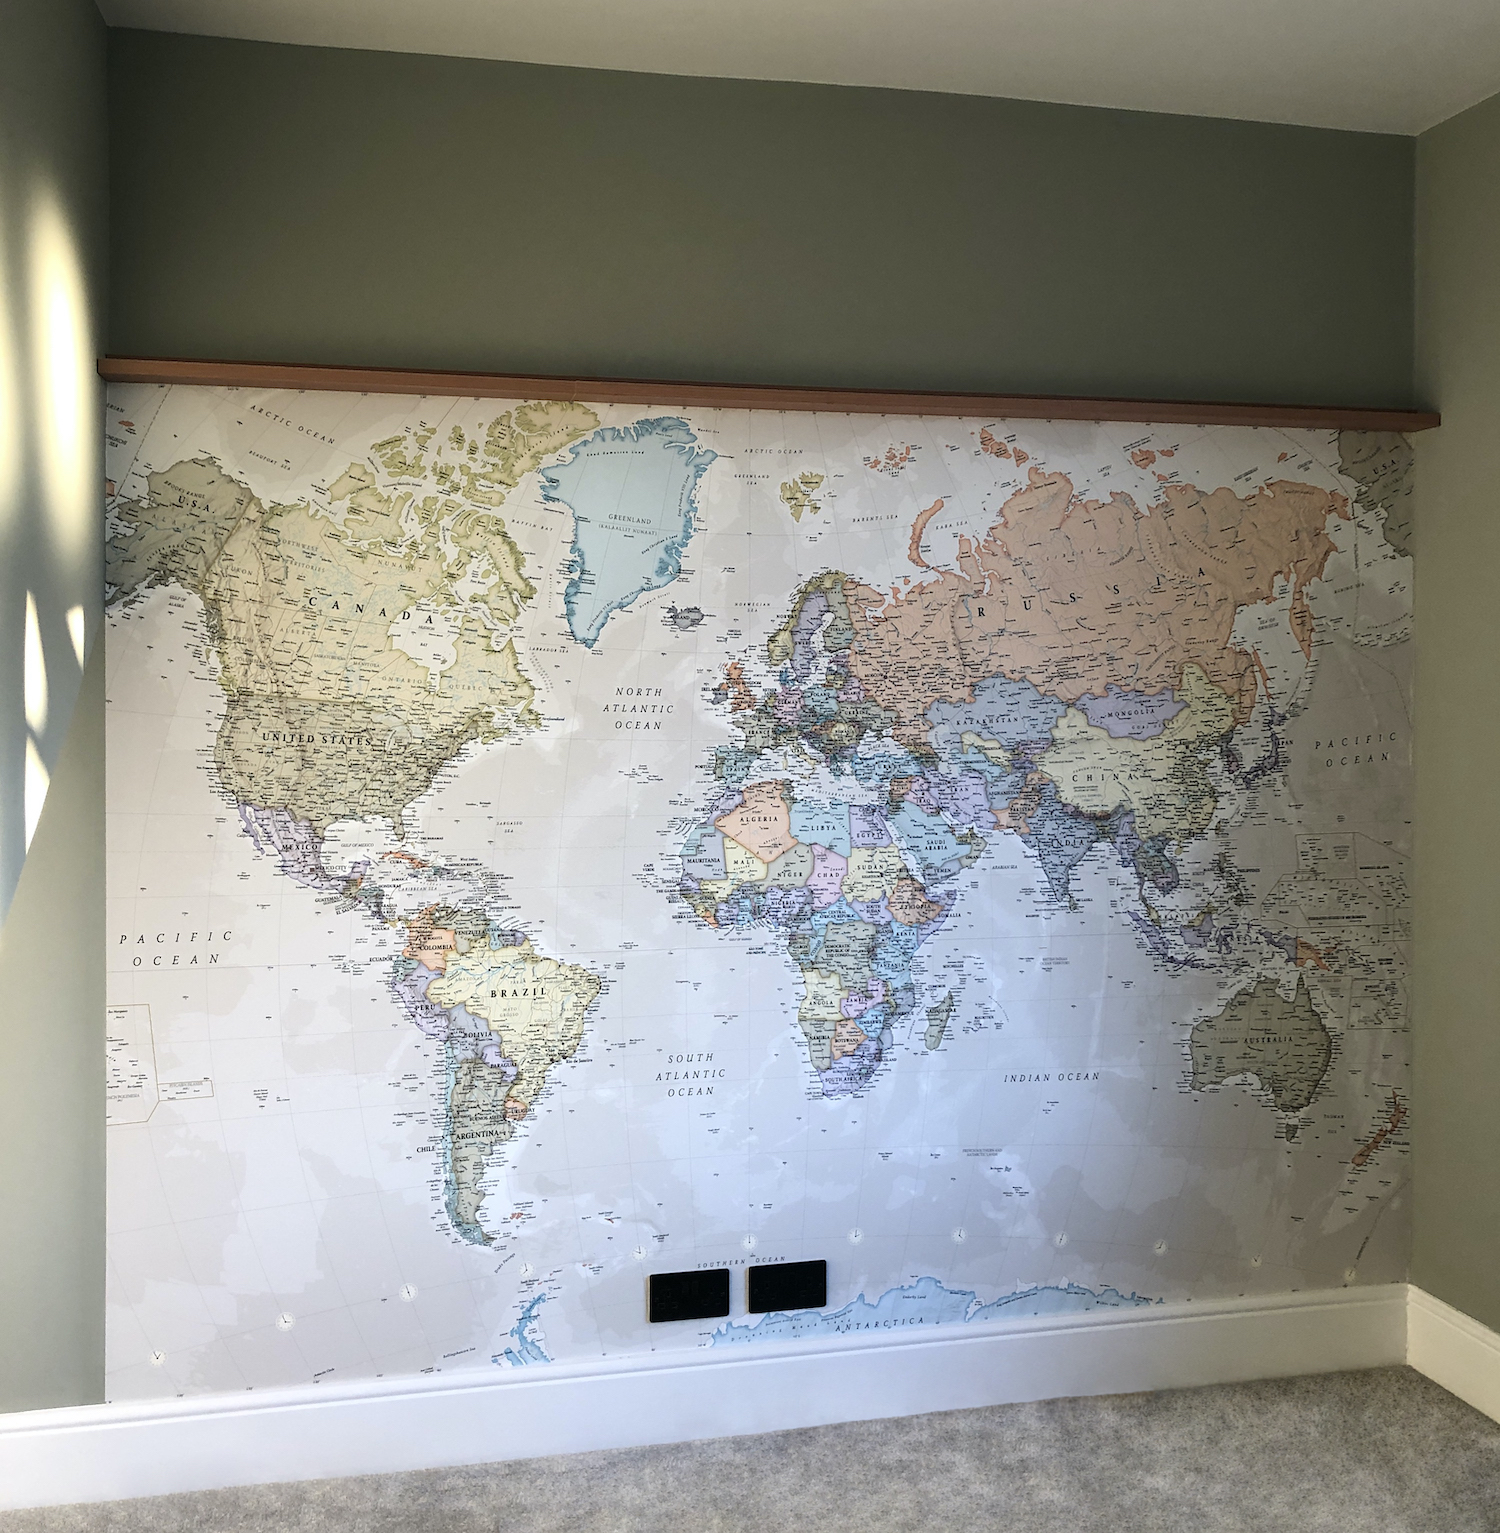 World Map Wallpaper Mural from Wallsauce